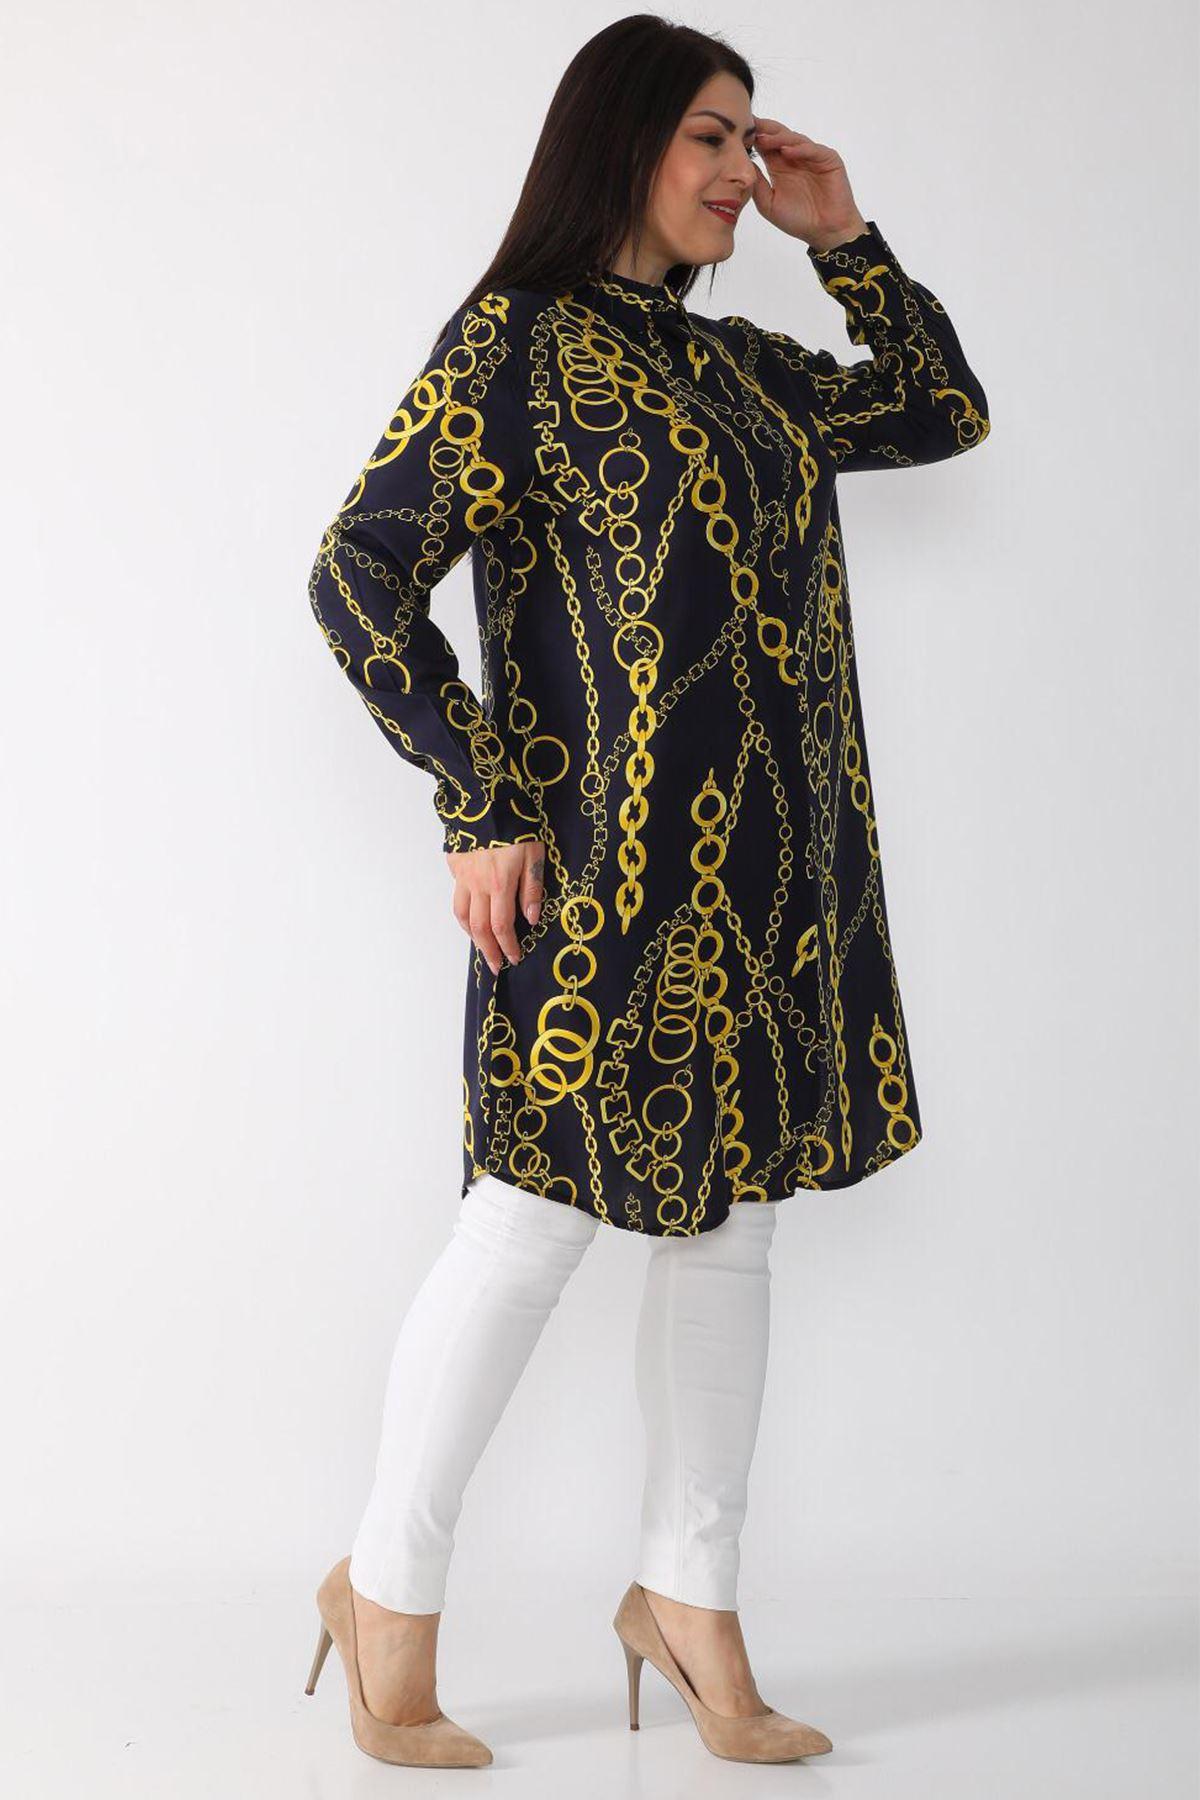 Kadın Siyah Büyük Beden Tunik Gömlek Zincir